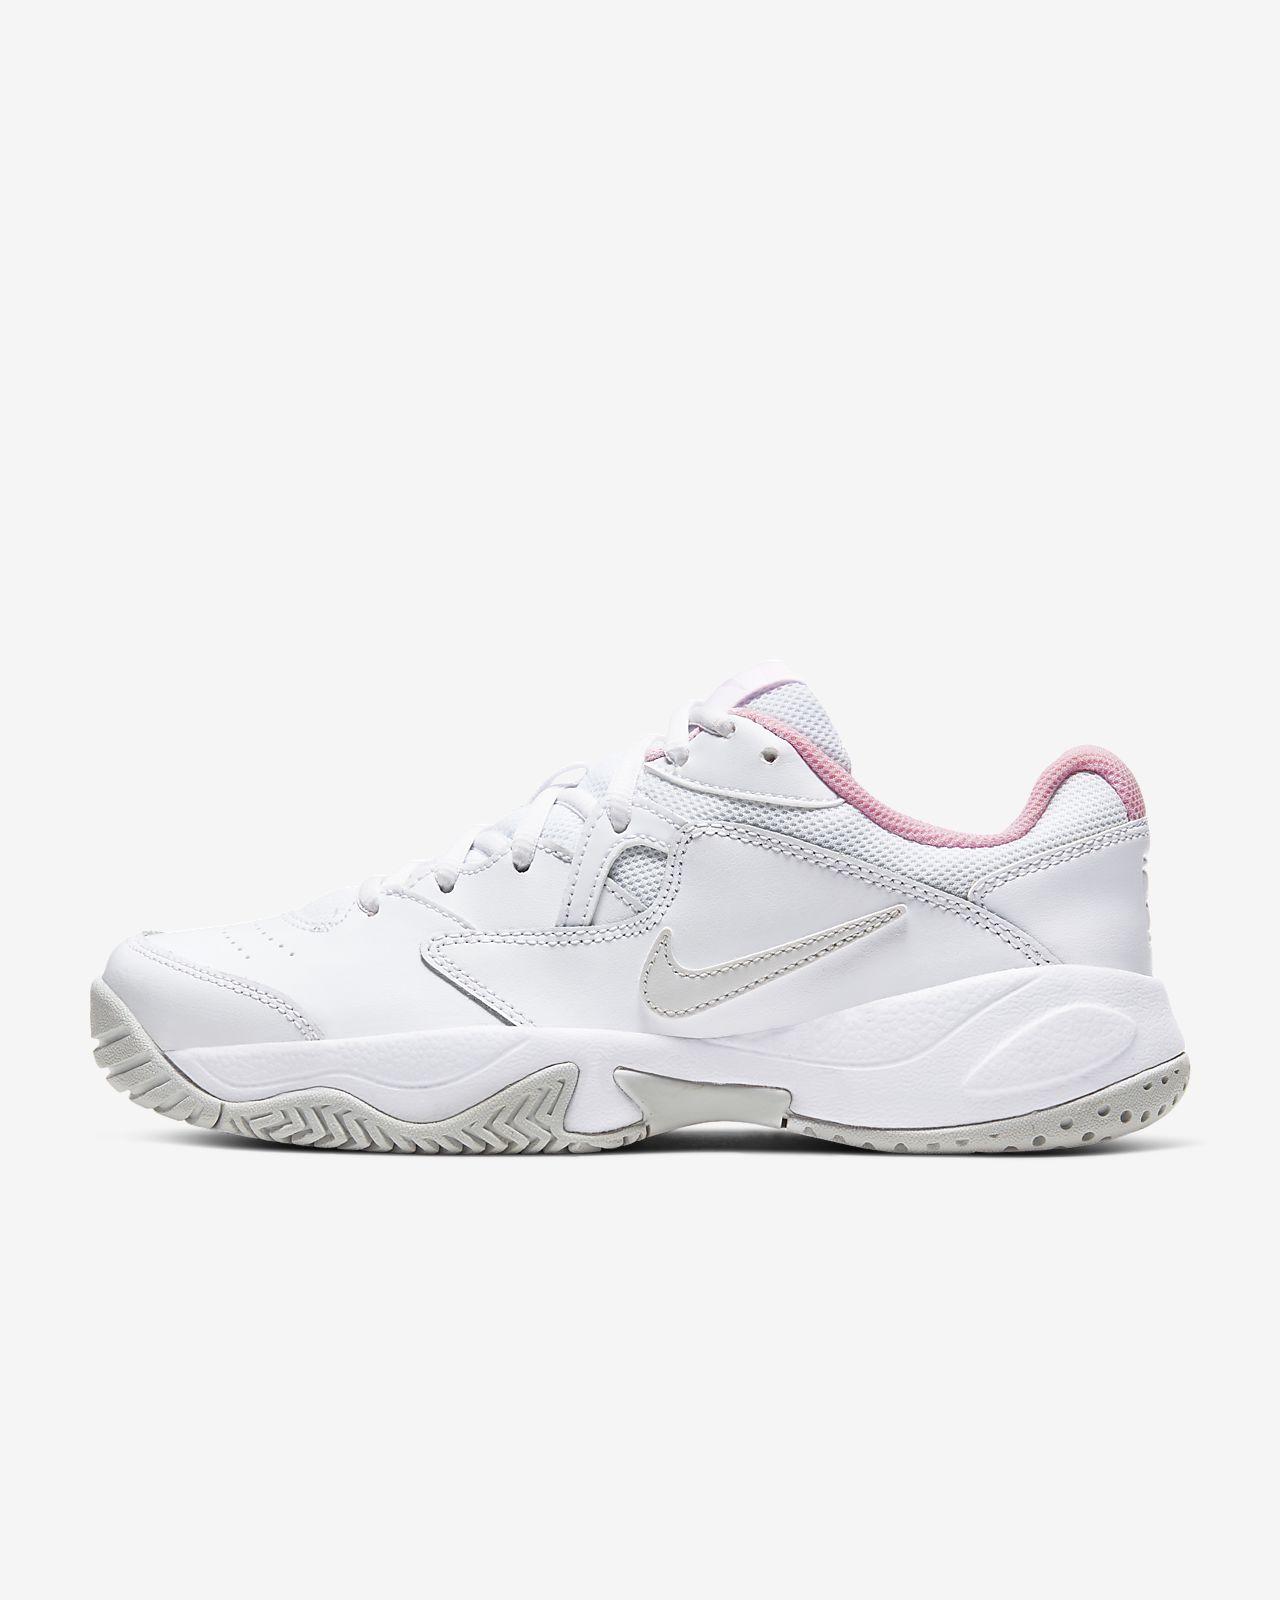 Nike Męskie buty do tenisa na twarde korty NikeCourt Lite 2 Czerń